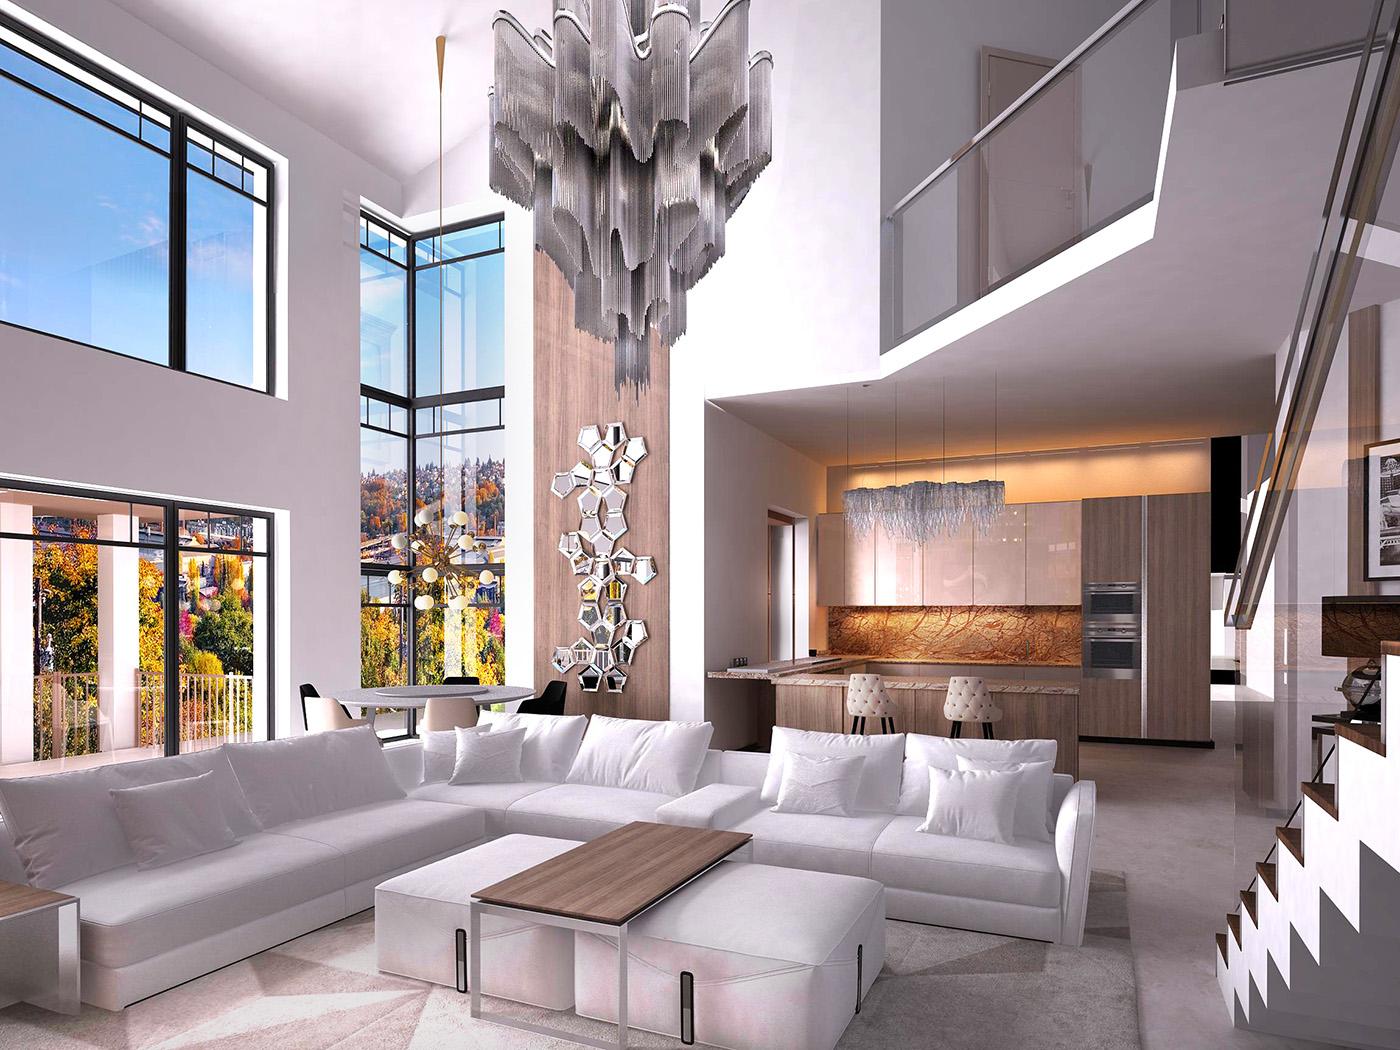 дизайн дома гостиная